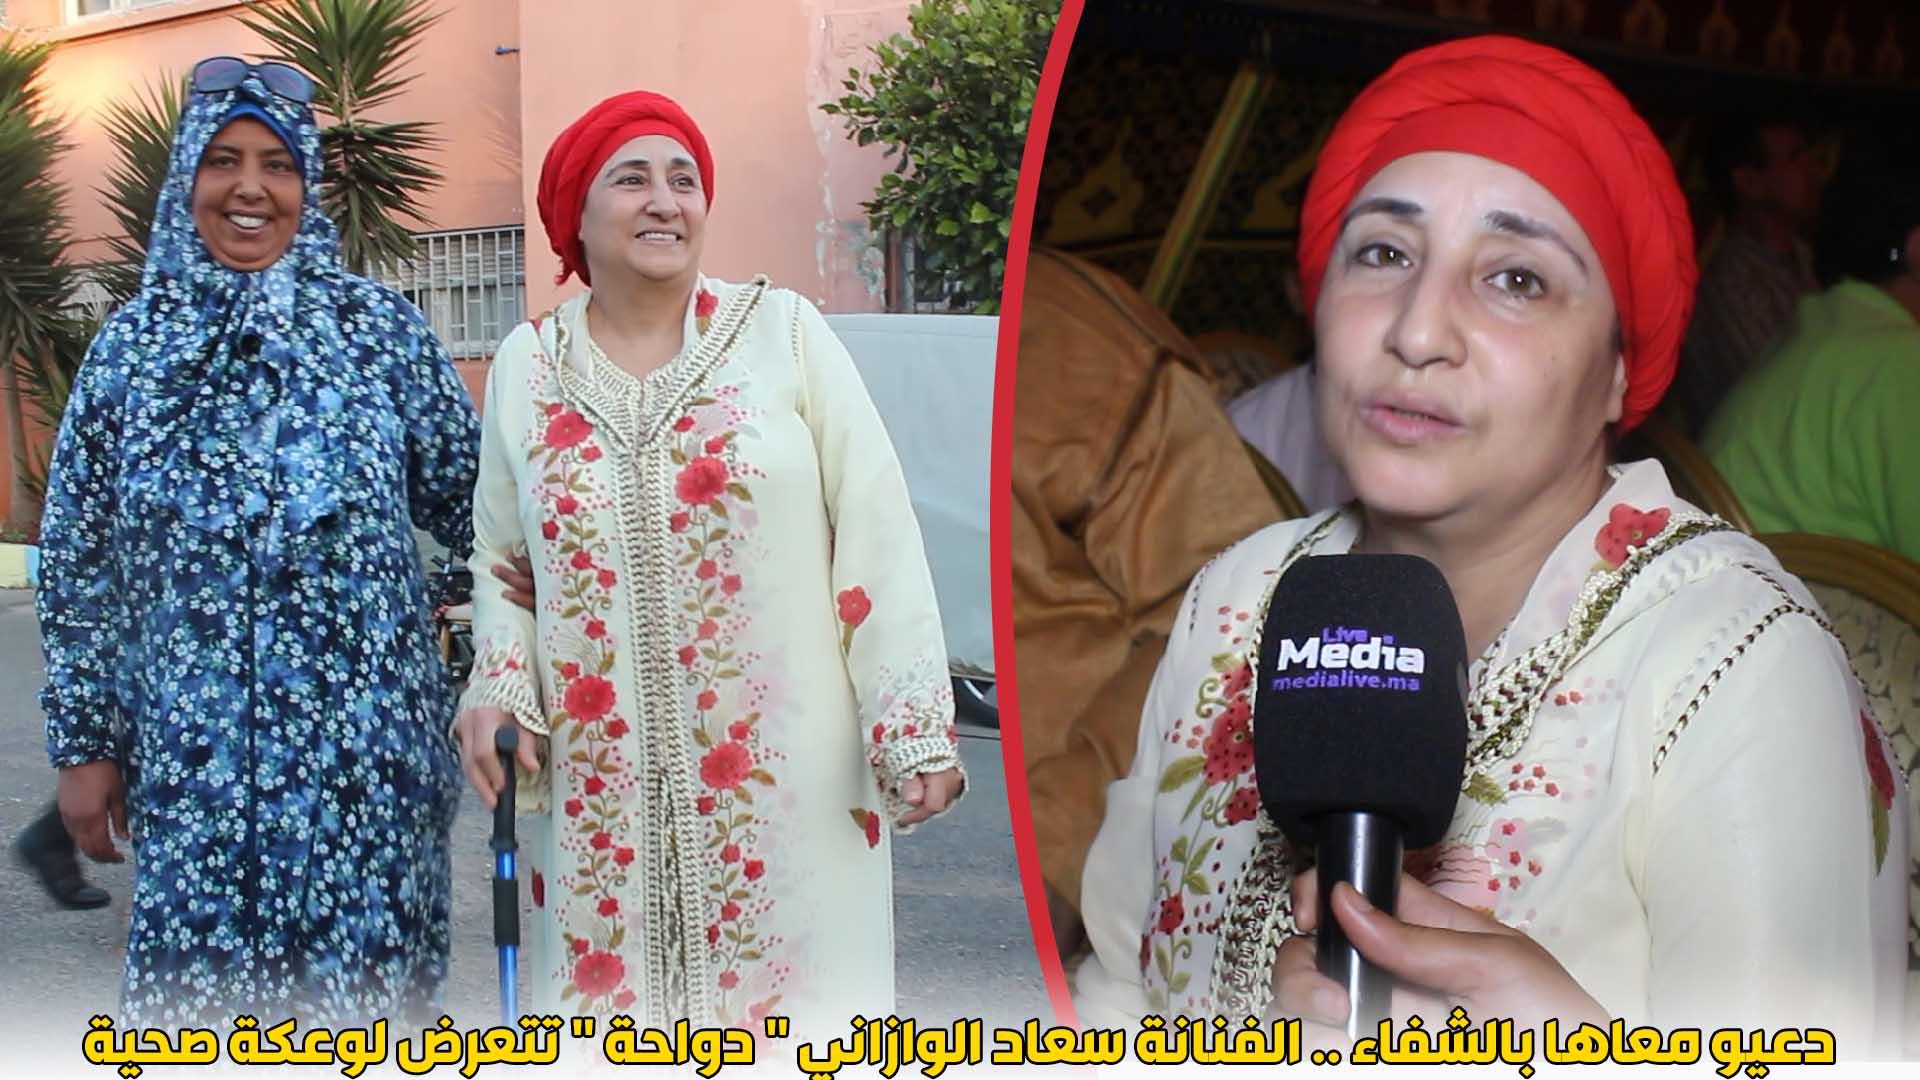 بعد مشاركتها بسلسلة حديدان .. الفنانة سعاد الوزاني تتعرض لوعكة صحية